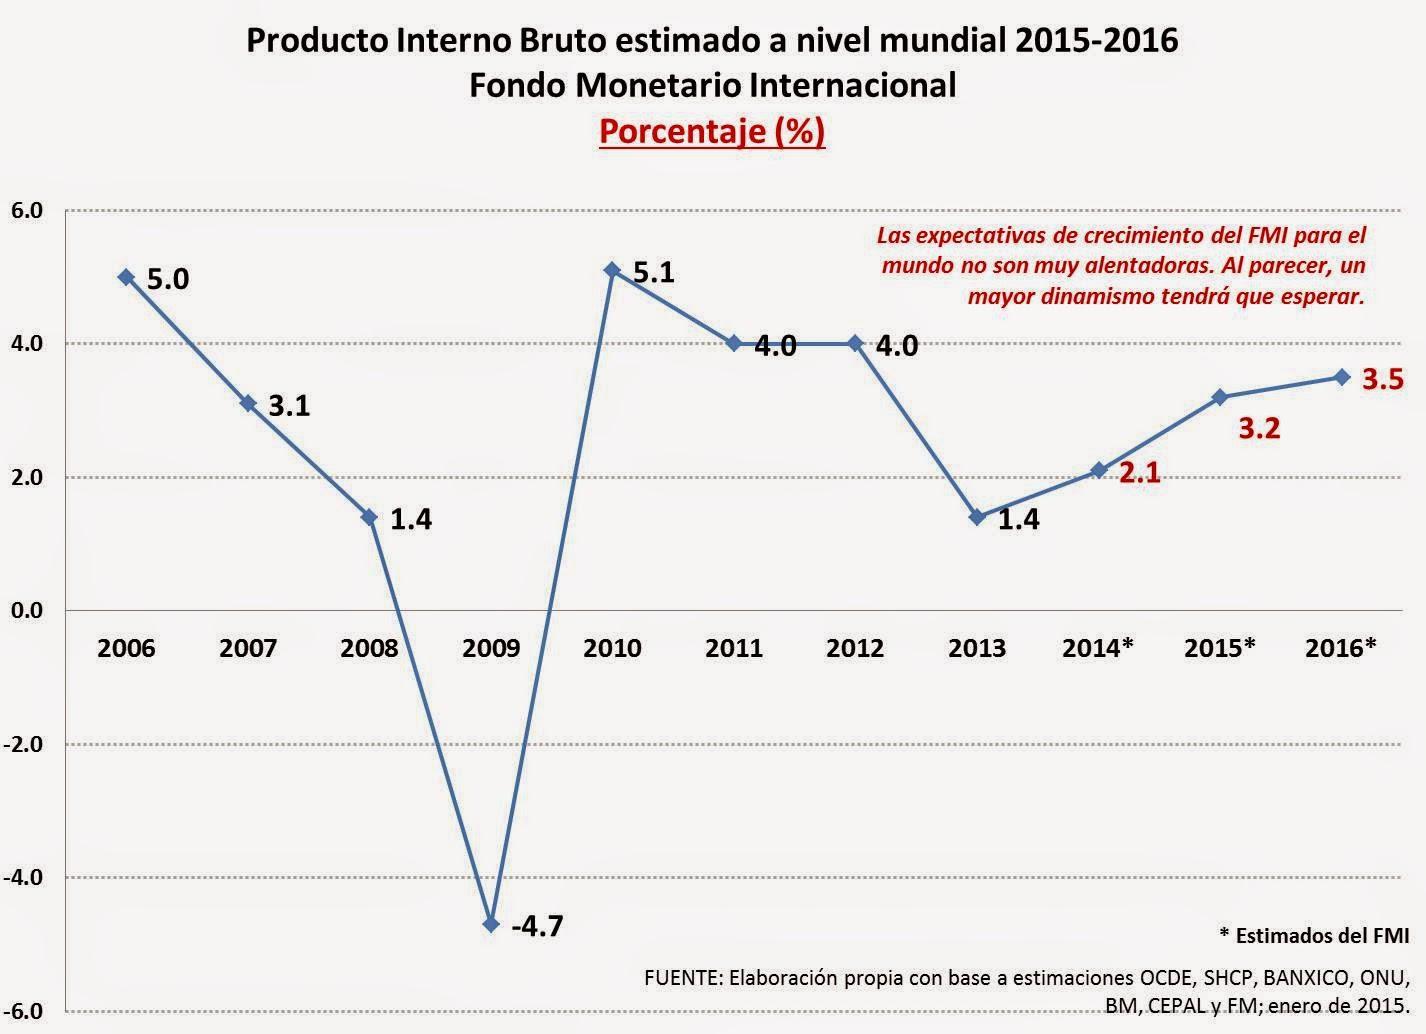 Producto Interno Bruto de Mexico 2015 Producto Interno Bruto